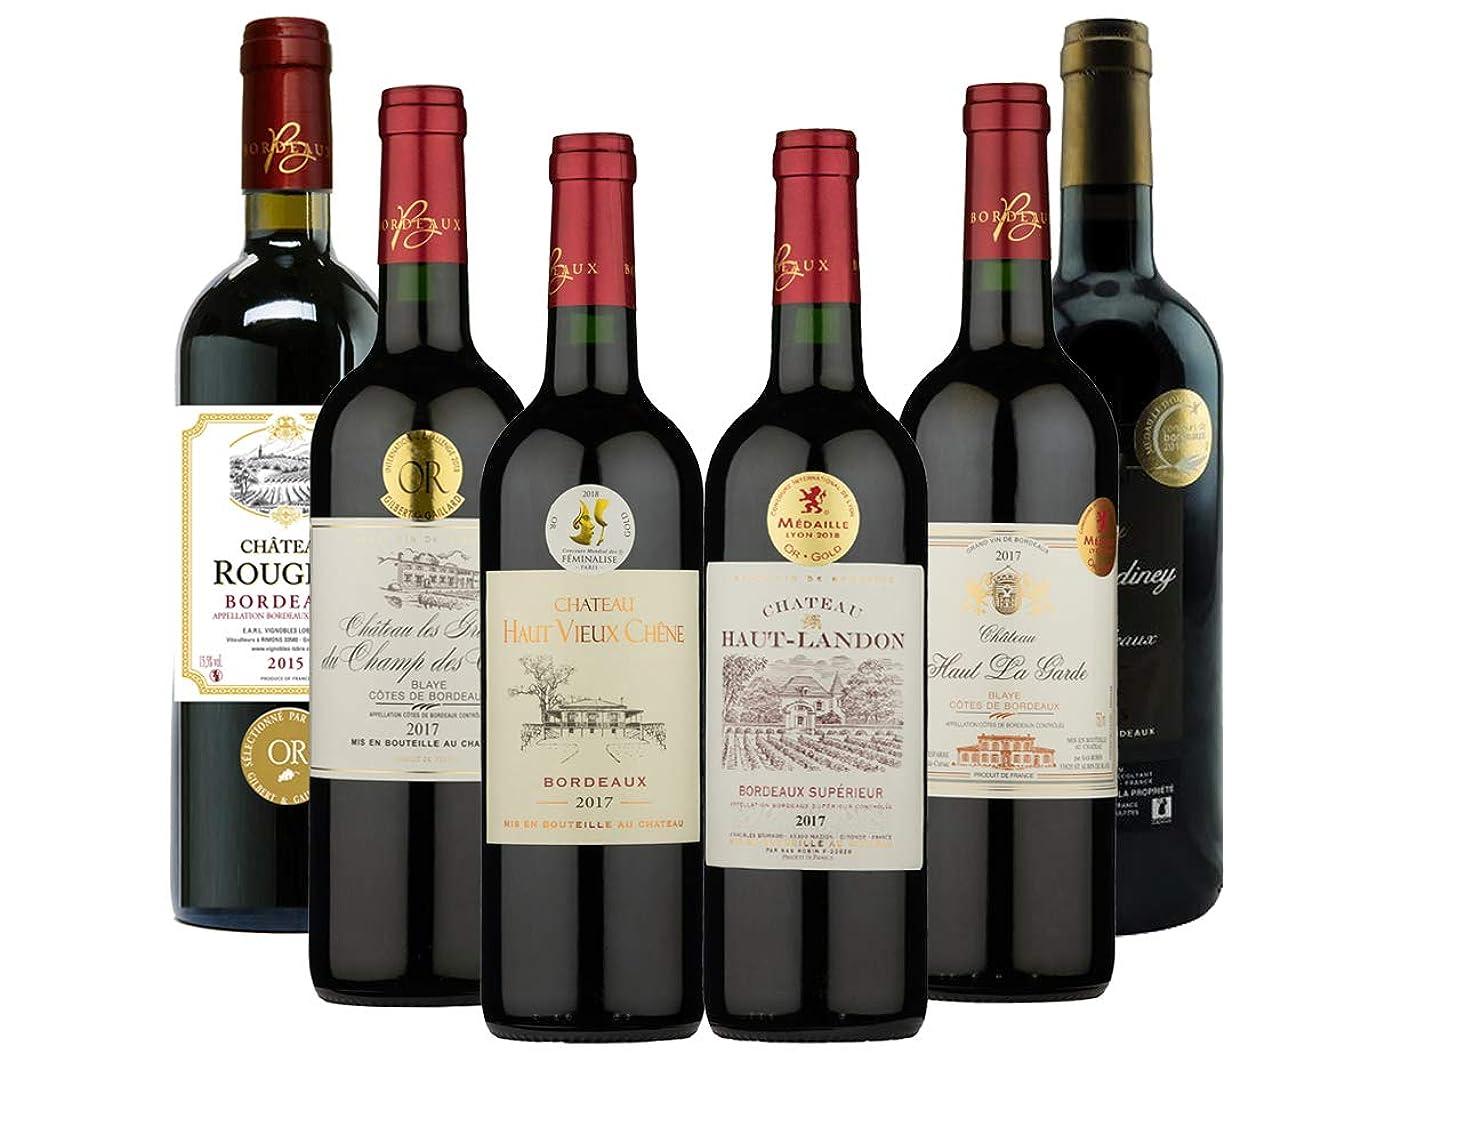 連結する天才浸した注目の複数メダル受賞 ワインも! すべて金賞受賞ボルドー赤ワイン6本セット(赤750mlx6) [フランス/Amazon.co.jp限定/winery Direct]